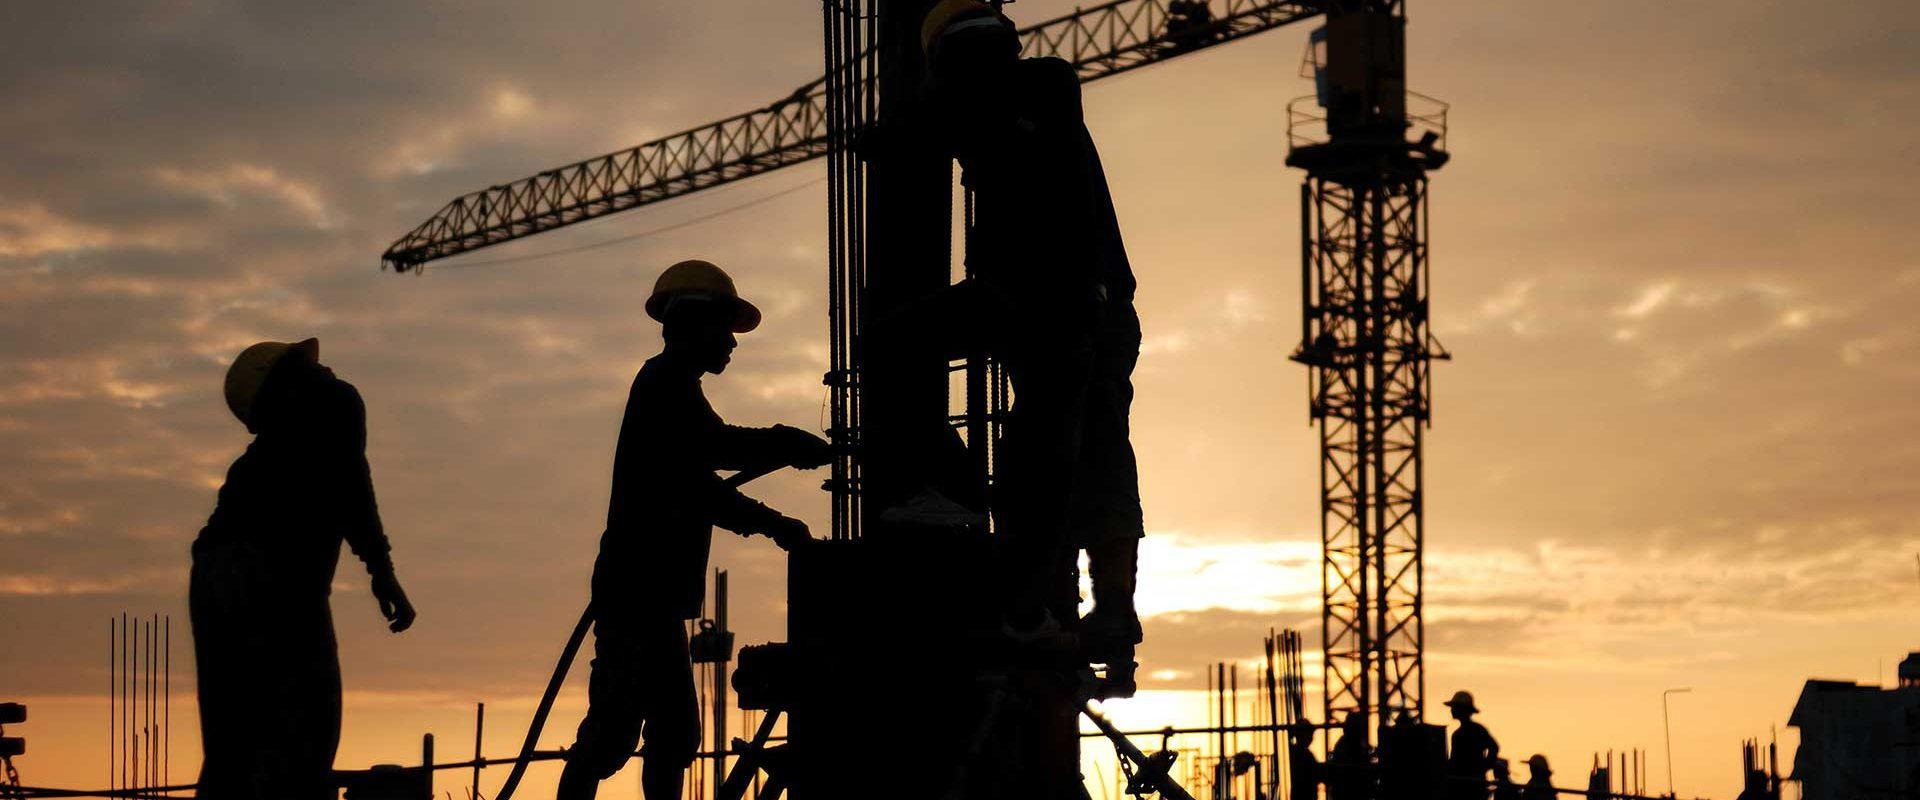 construction-workers-PCM3RAU